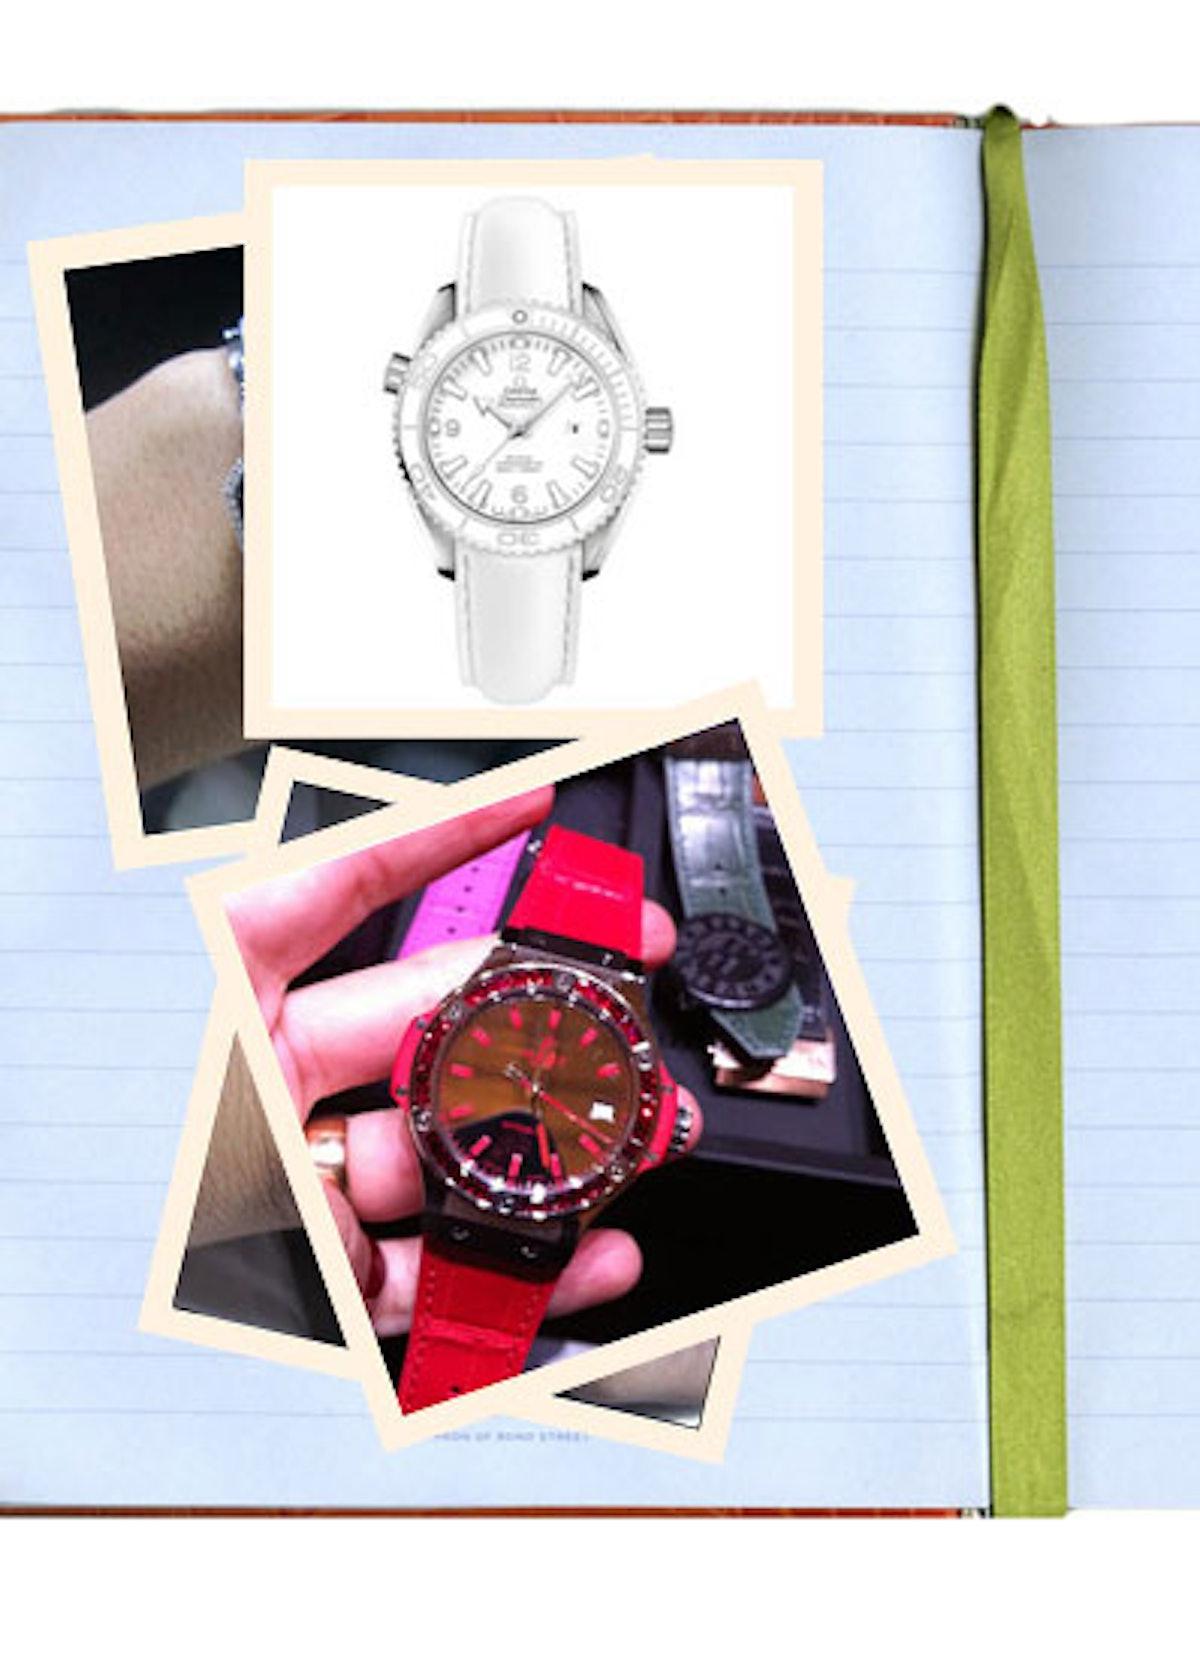 acss-basel-watch-fair-07-v.jpg